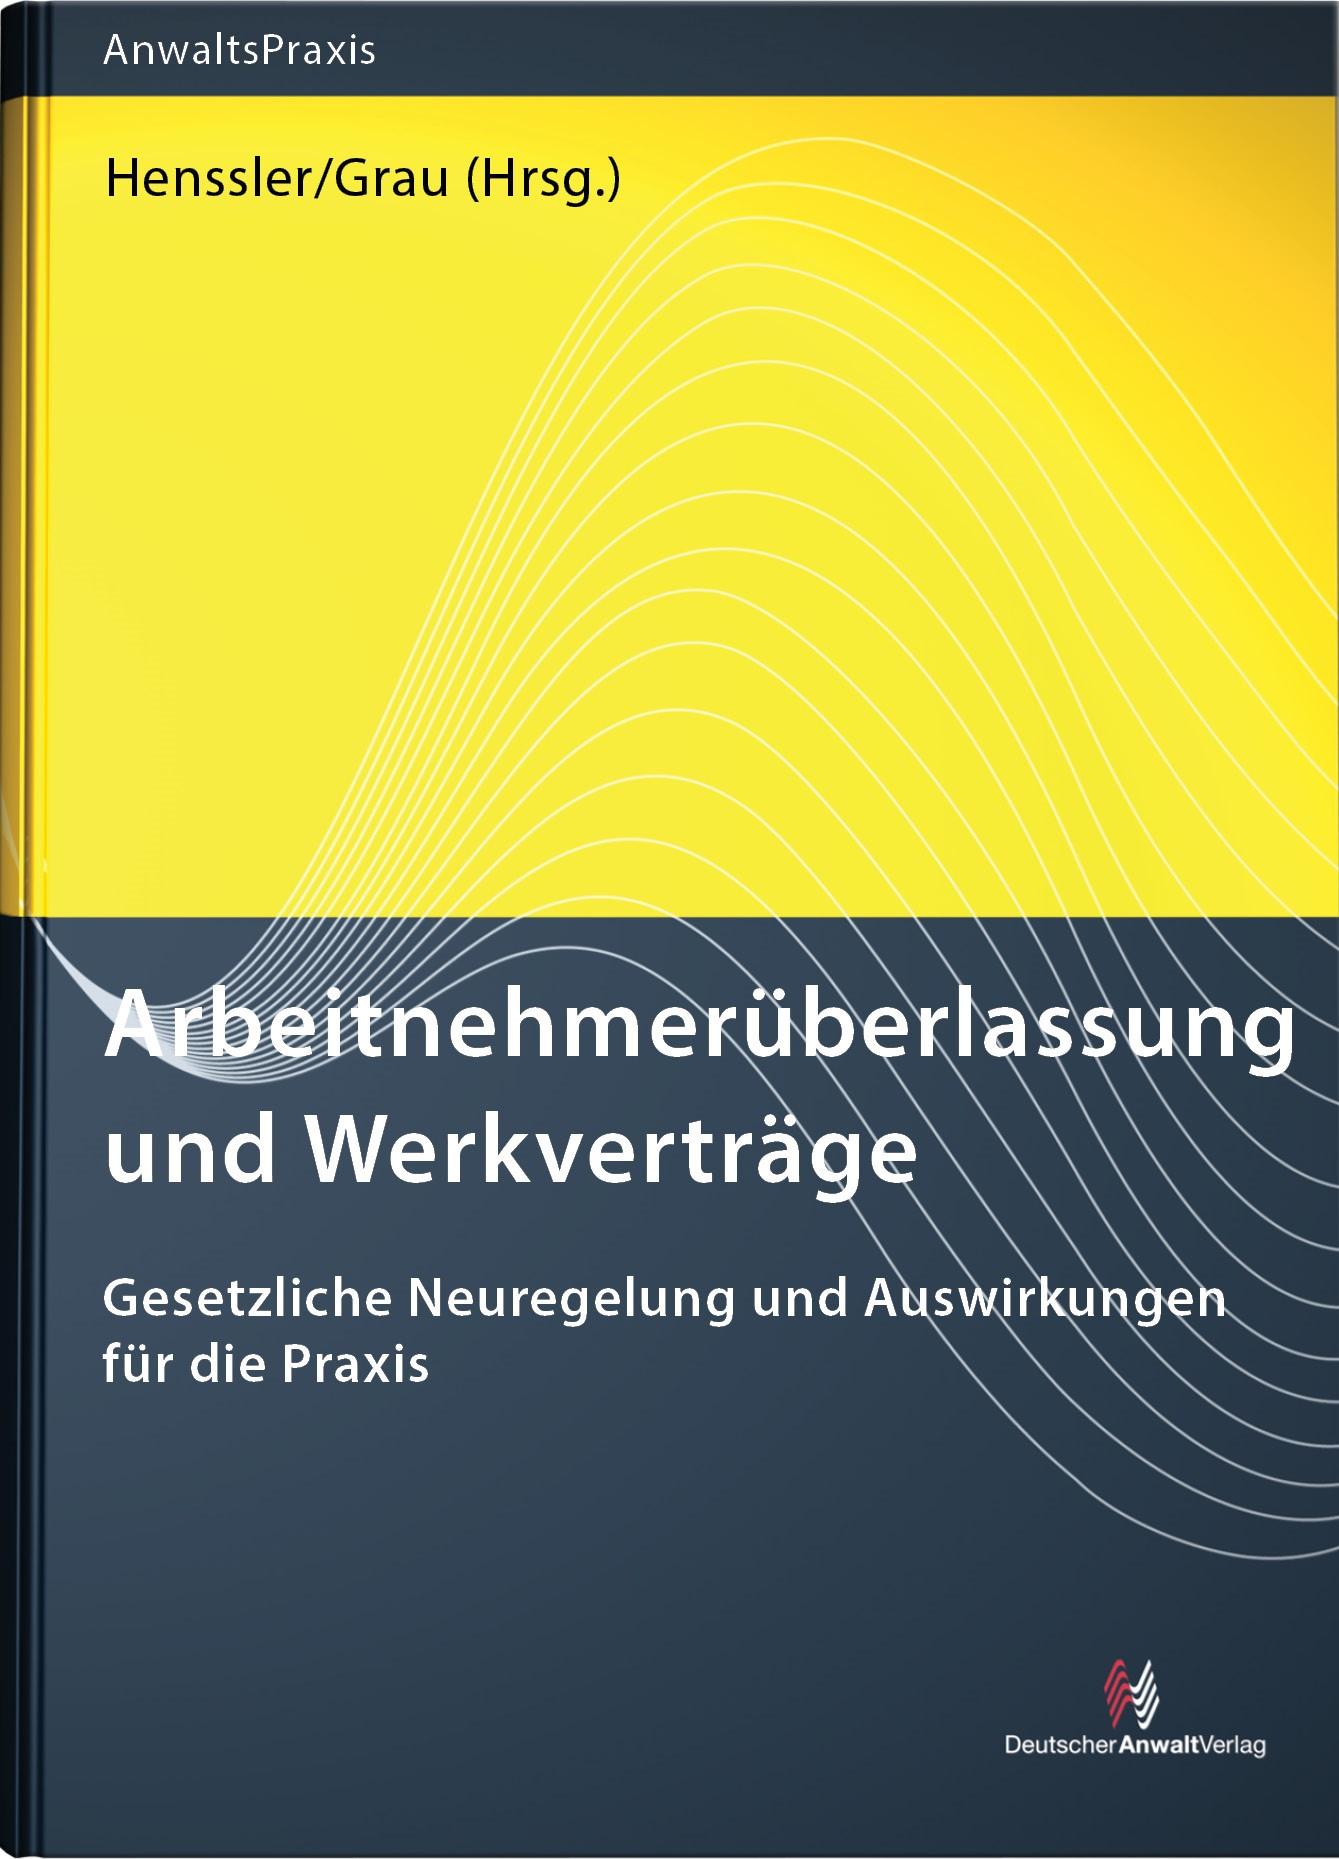 Arbeitnehmerüberlassung und Werkverträge | Henssler / Grau (Hrsg.), 2017 | Buch (Cover)